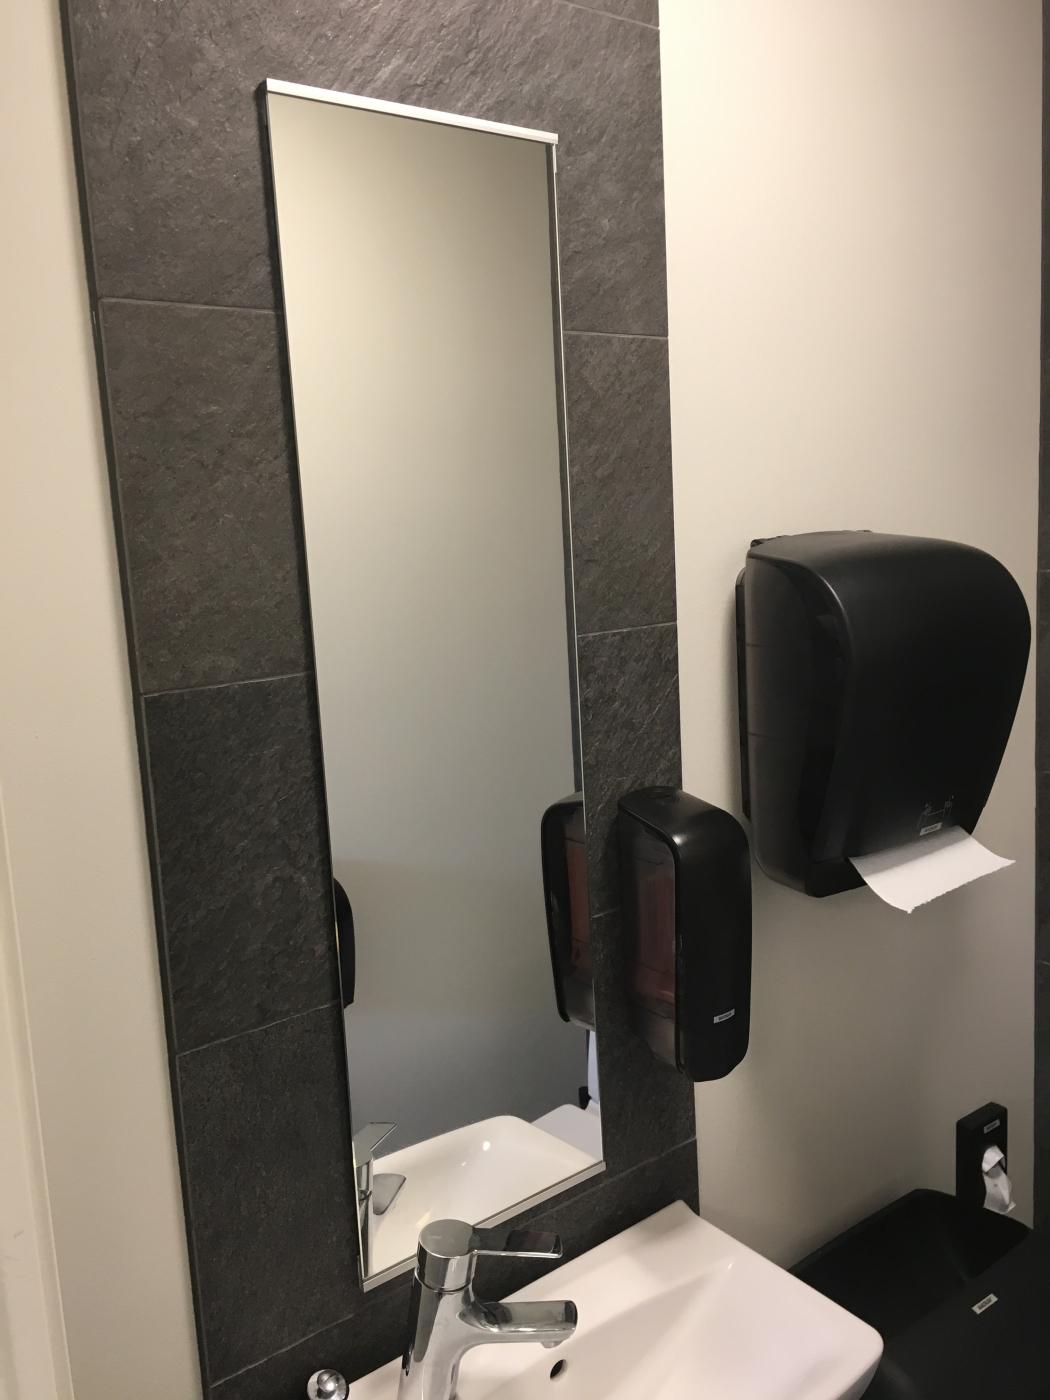 Unika Spegelglas - Pris 490 kr/kvm - Spegelglas 4 eller 6 mm. OJ-78